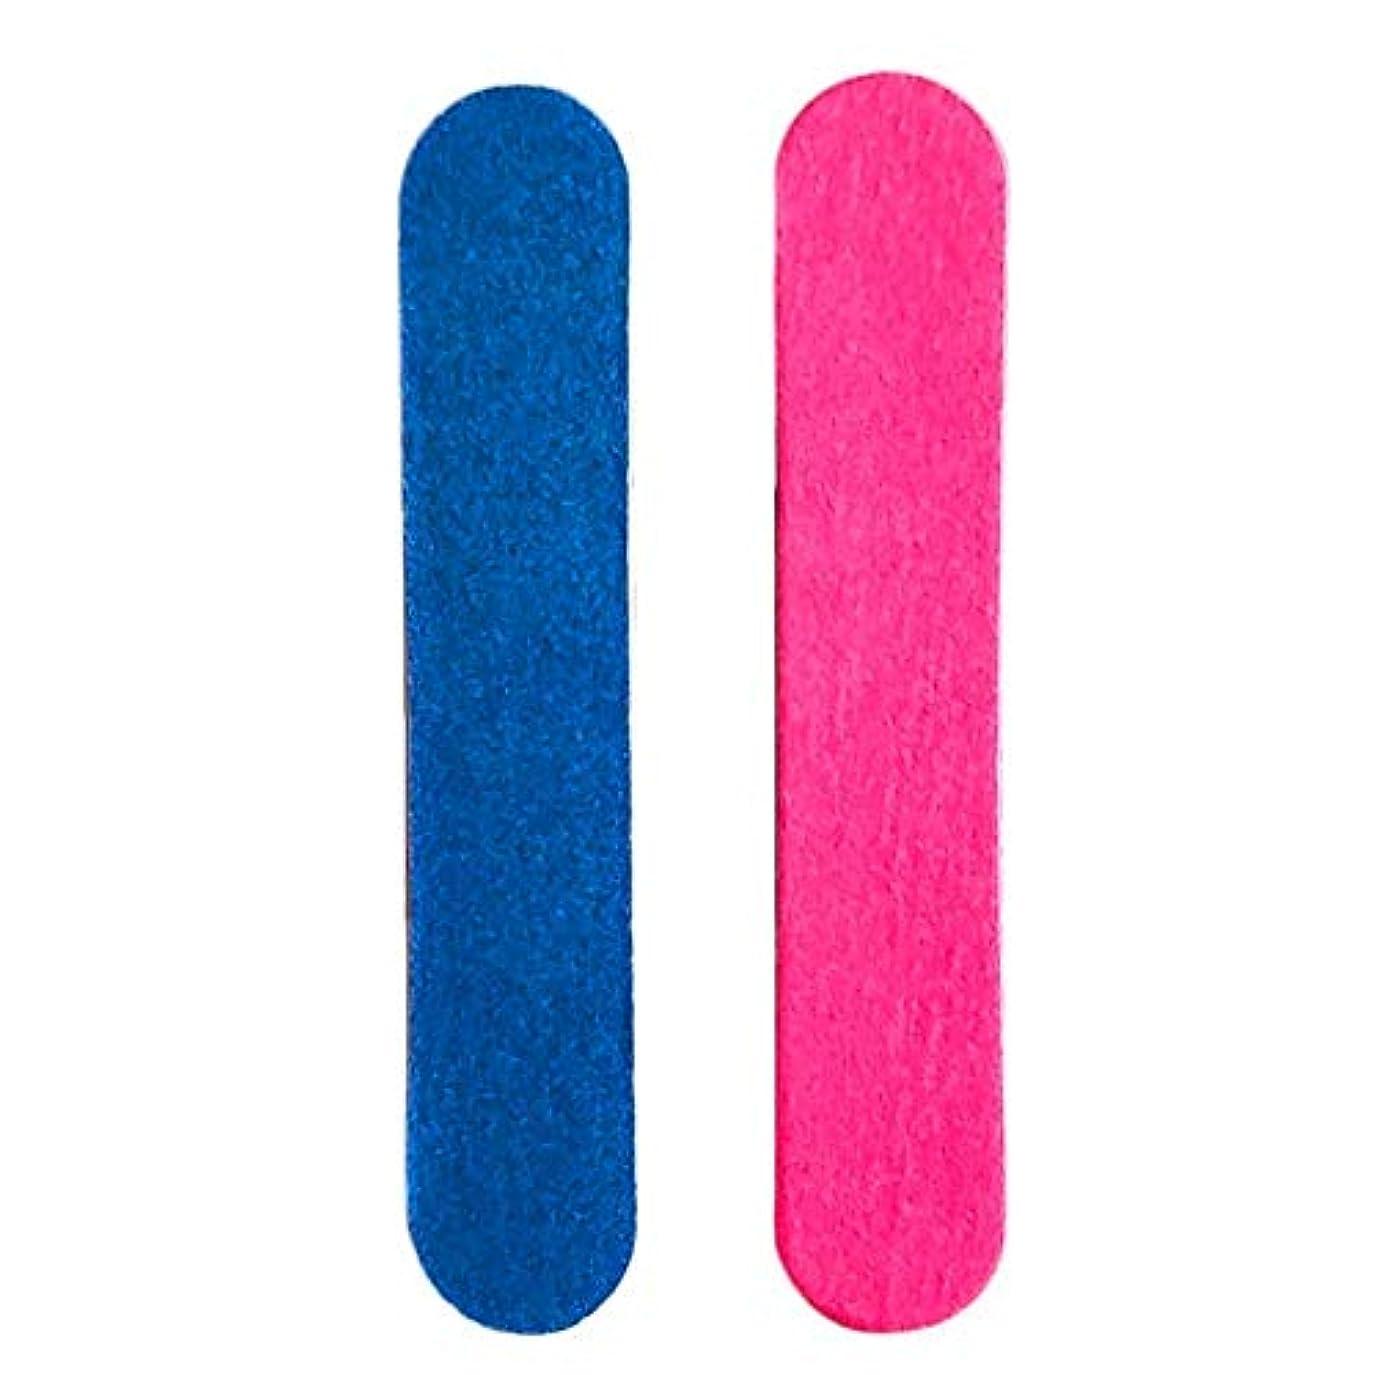 学者効果悲劇BETTER YOU (ベター ュー) 両面 ネイル 砂紙 爪やすり 木製 ネイルツール 使いやすい 10個入れ